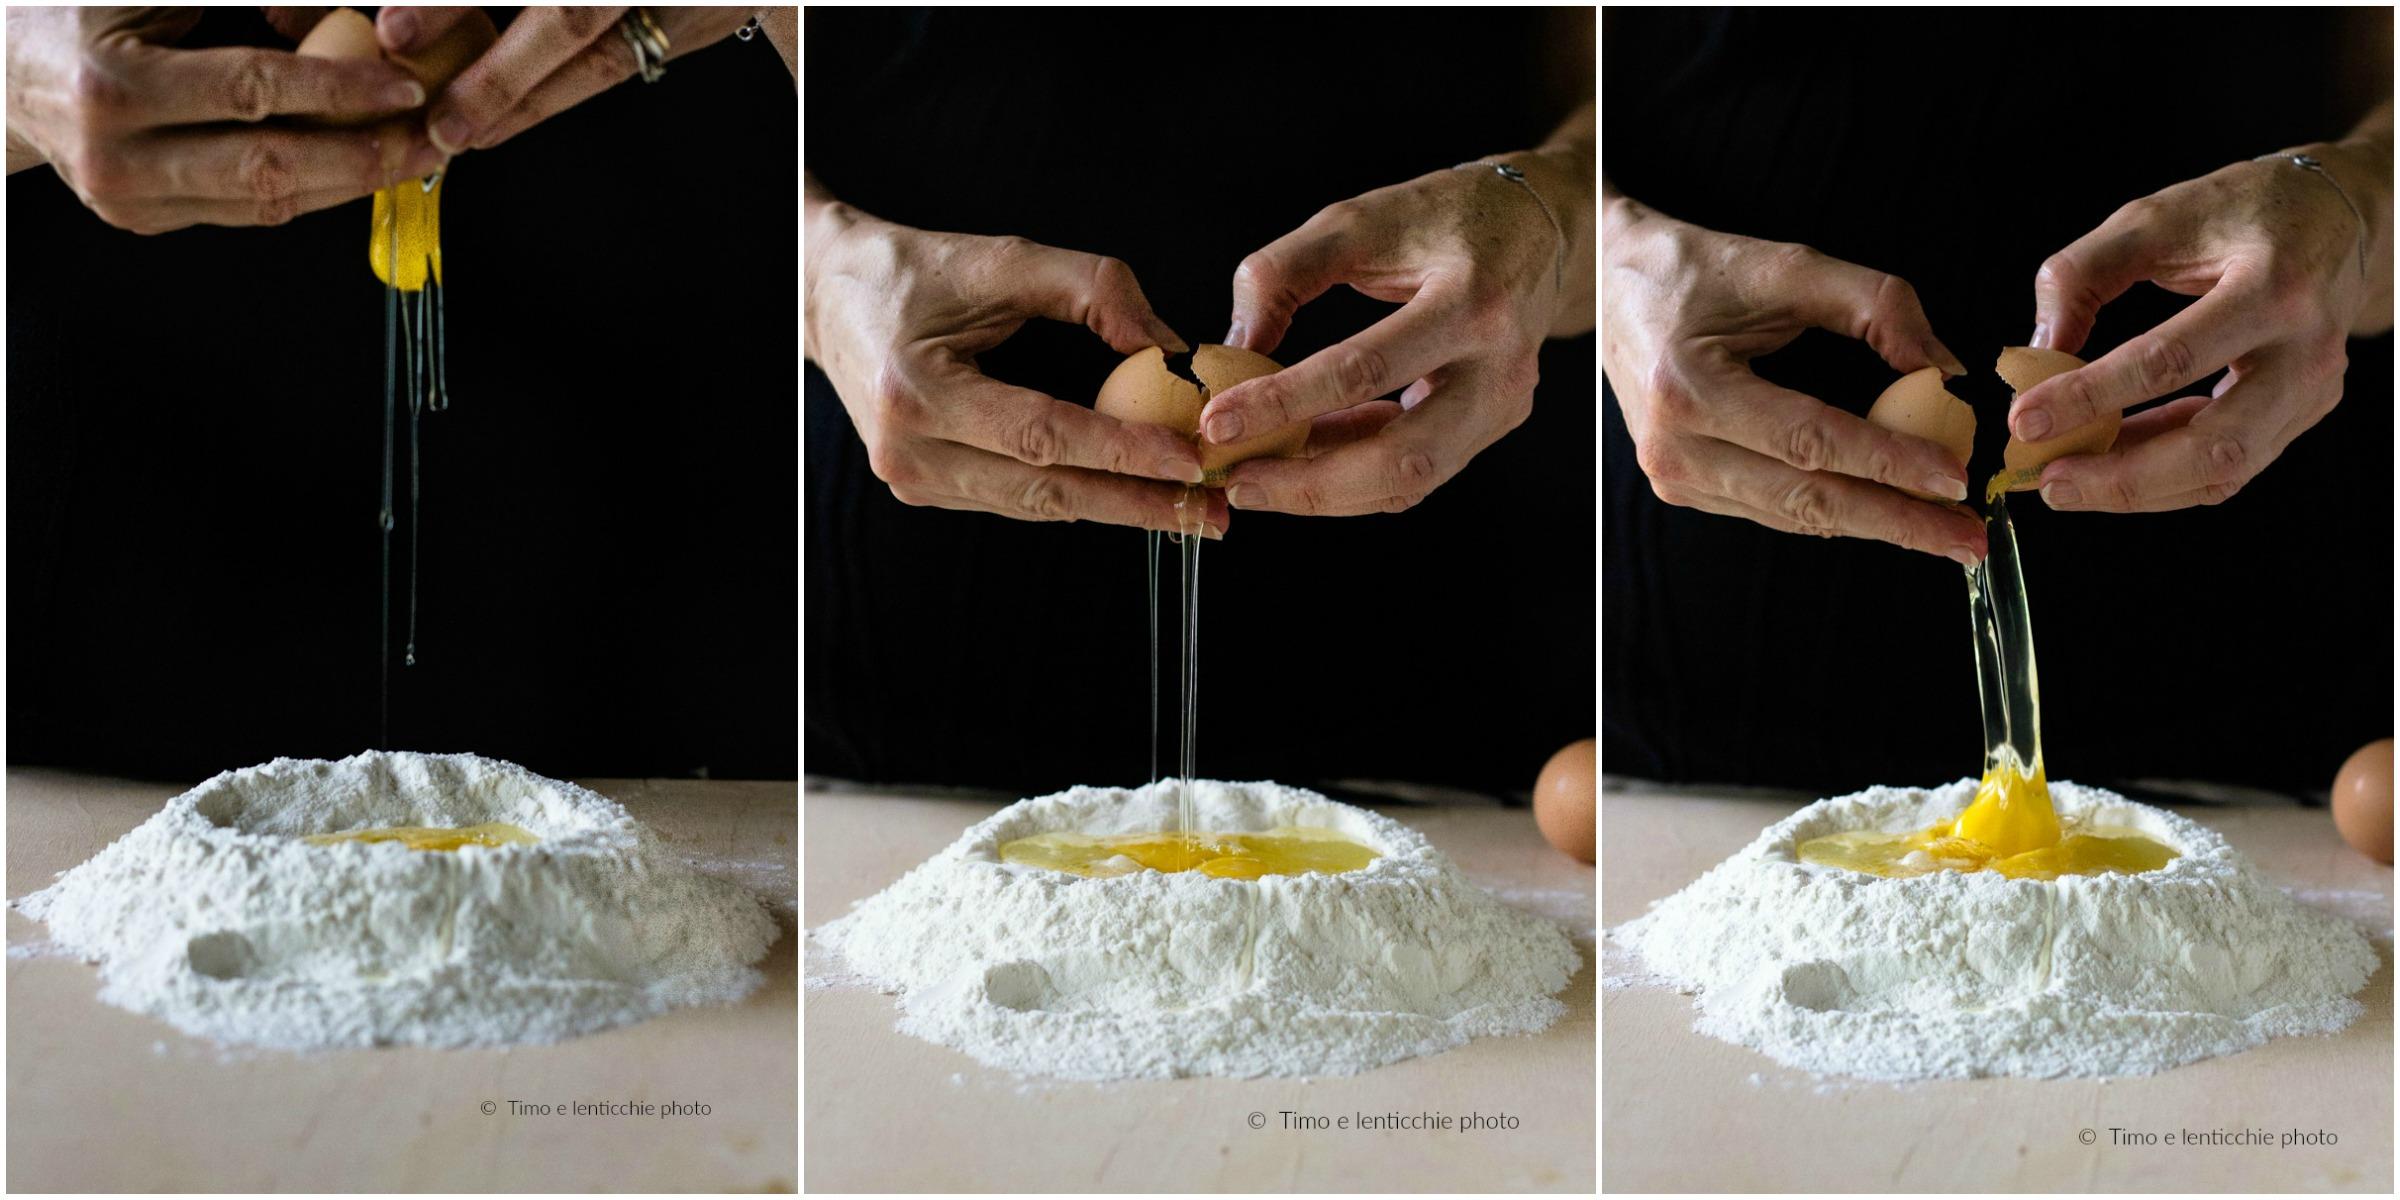 Tagliatelle con fagioli ricetta vicentina rivisitata con noci e radicchio 11